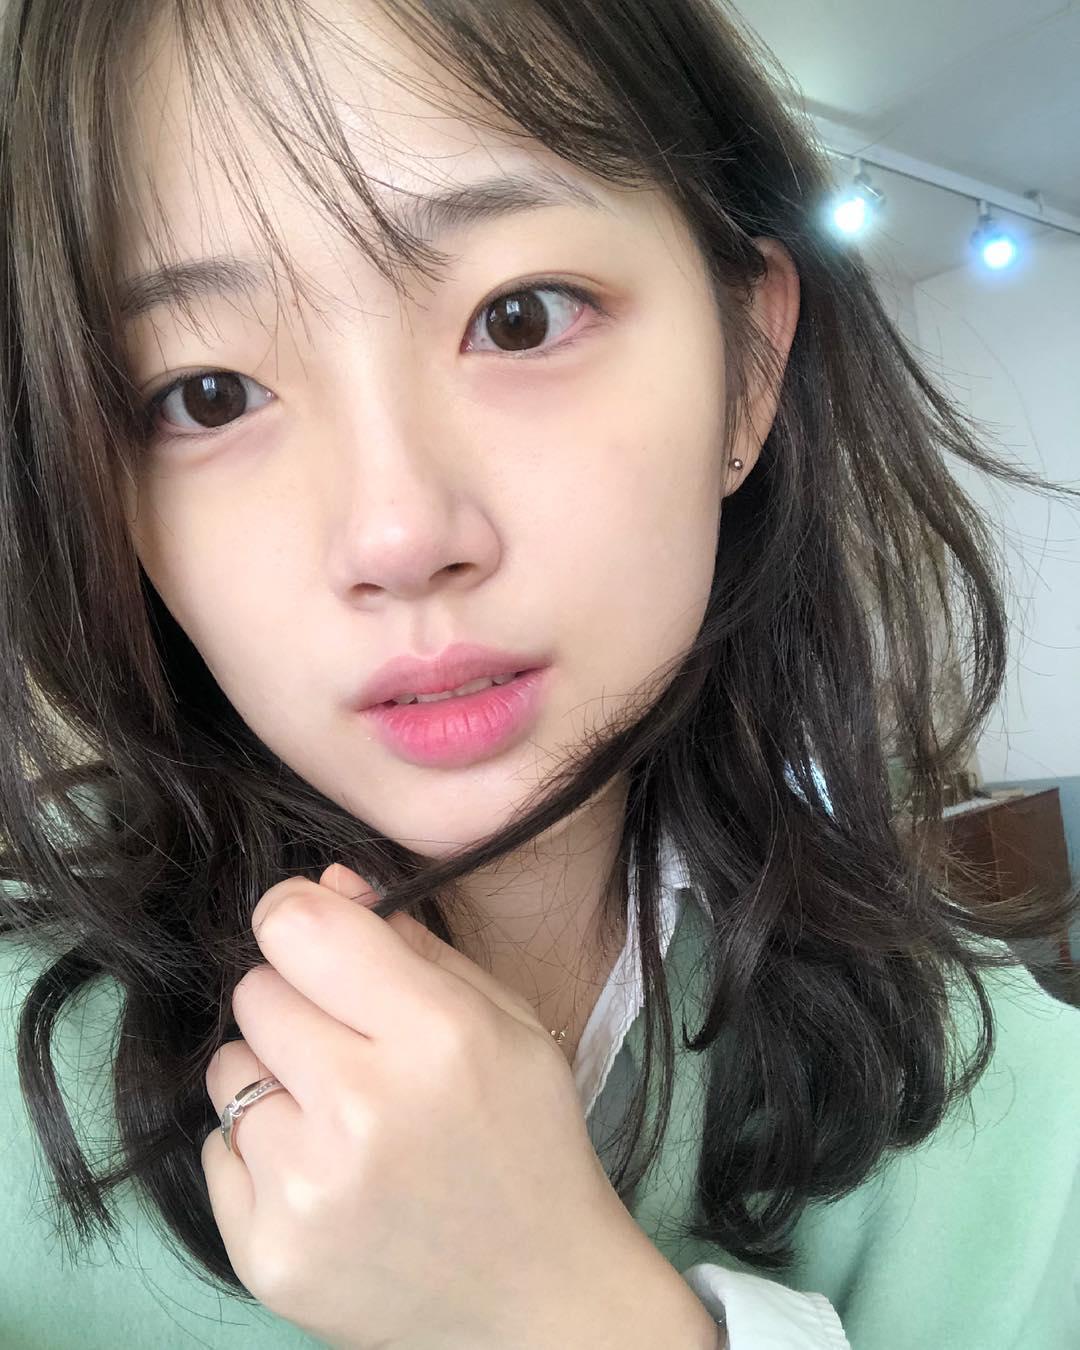 秀智+雪莉+雪莉?因为明星脸这位韩国大学生爆红,进军演艺圈指日可待!插图2